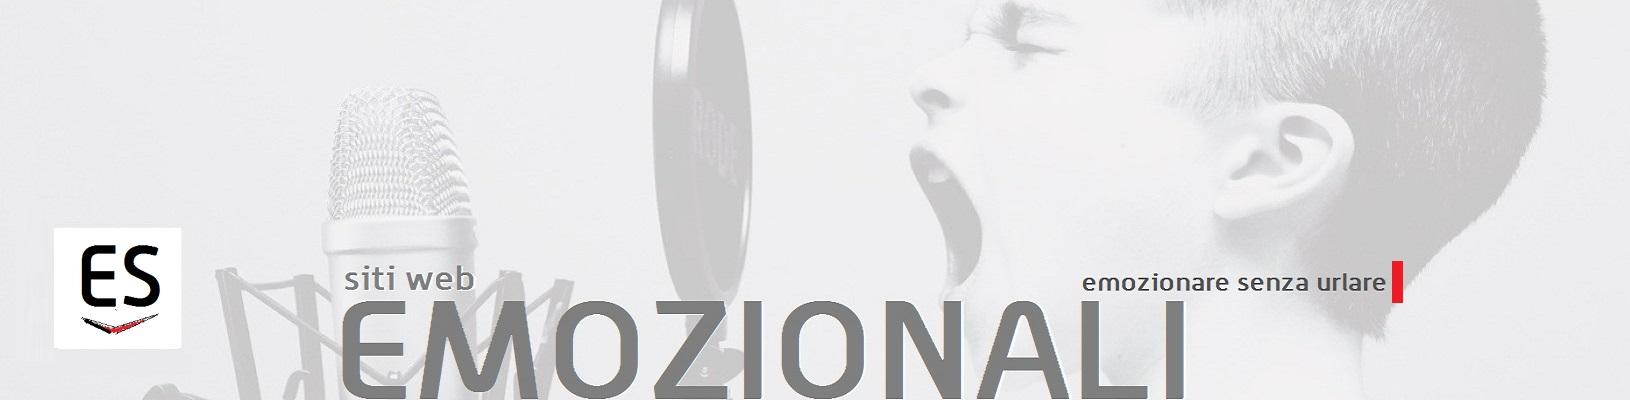 realizzazione siti web milano Monza e brianza